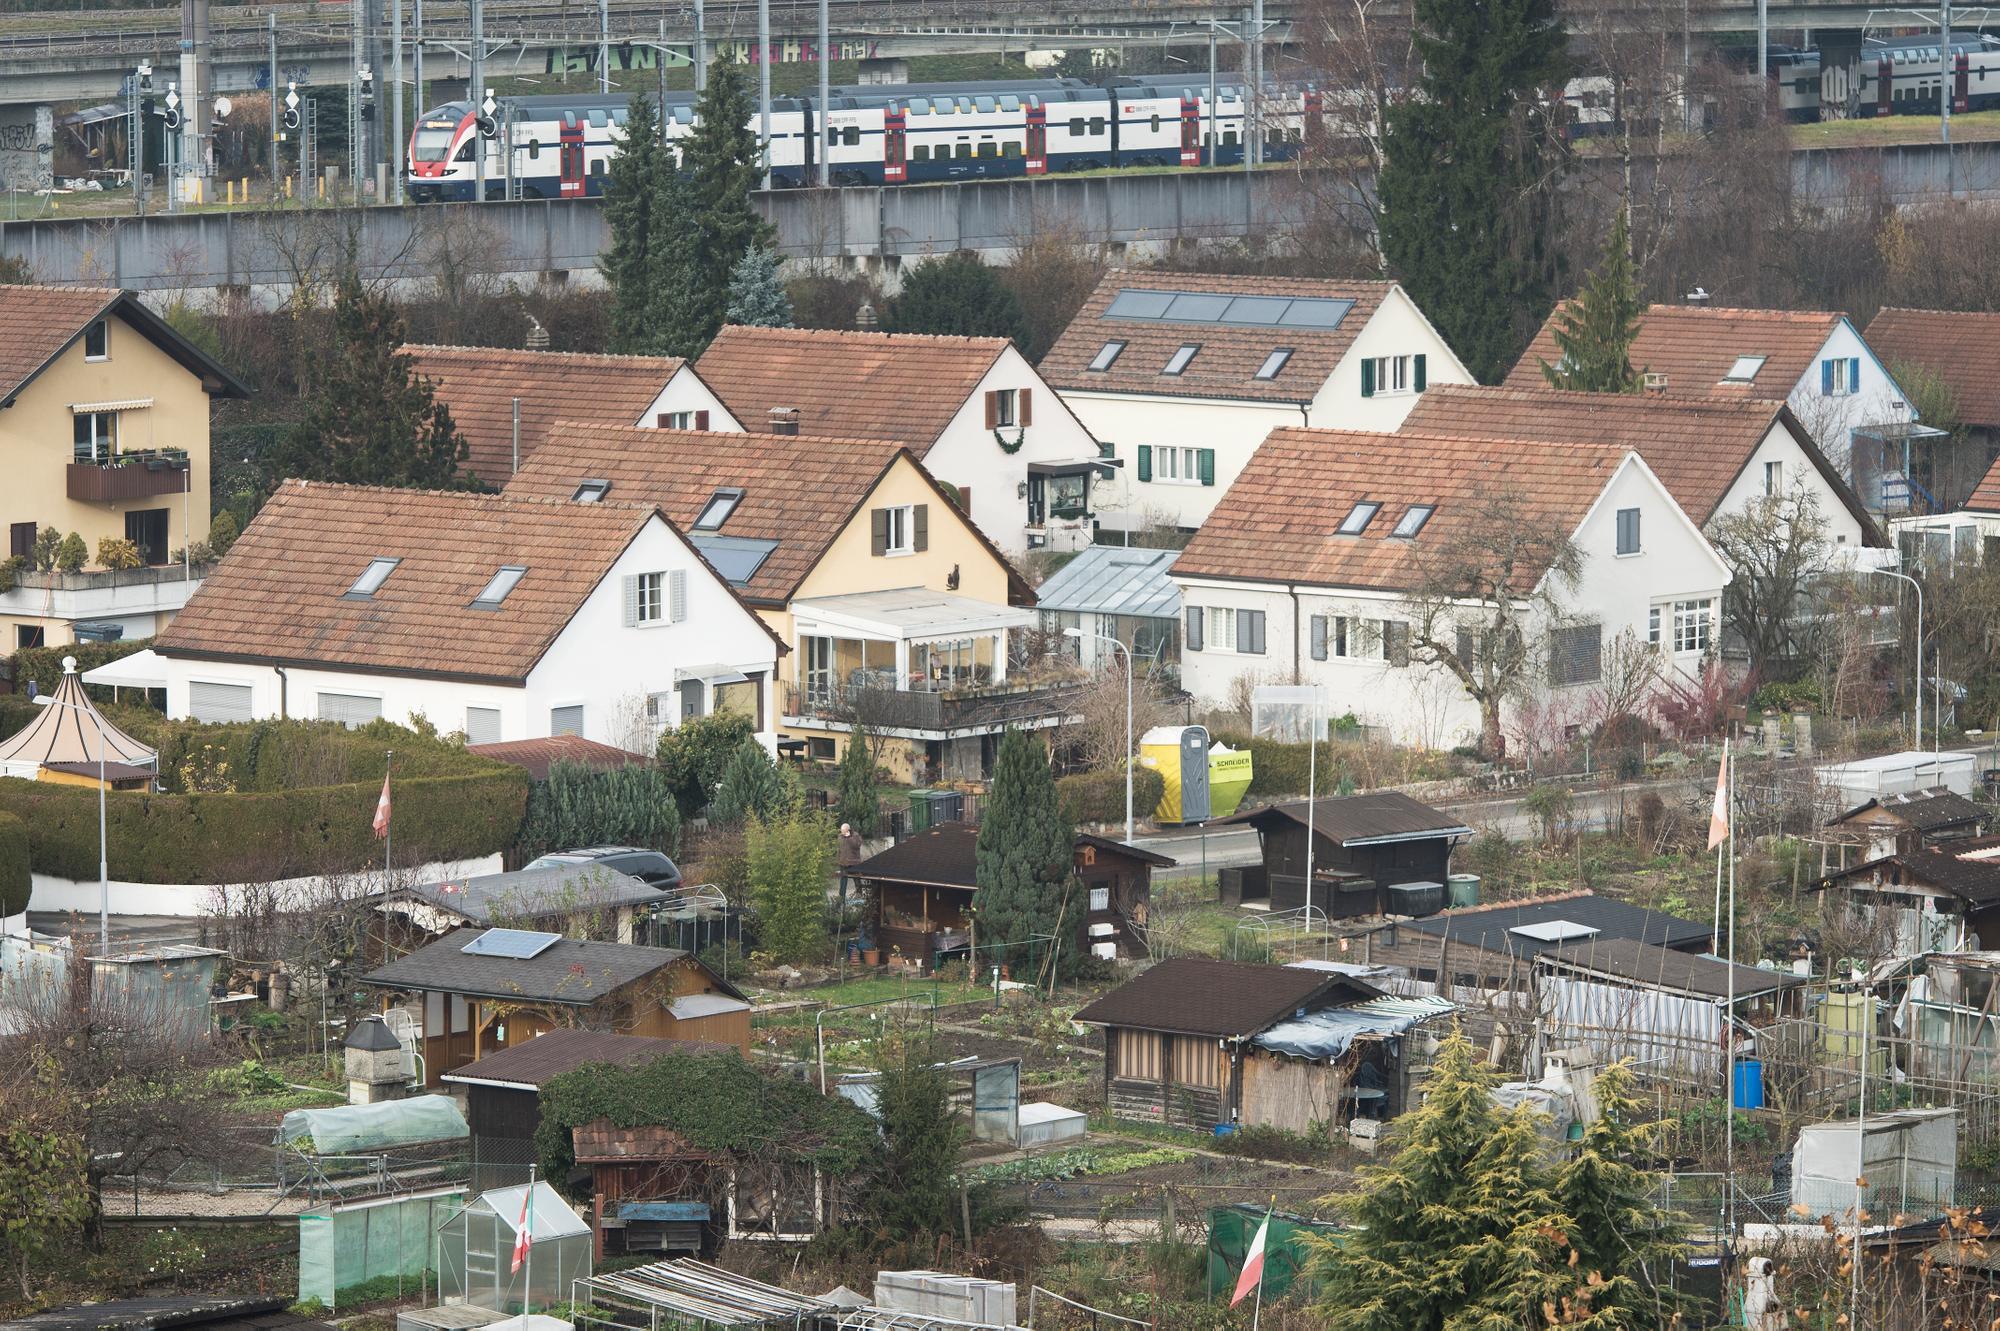 Blick auf die Siedlung Grubenacker